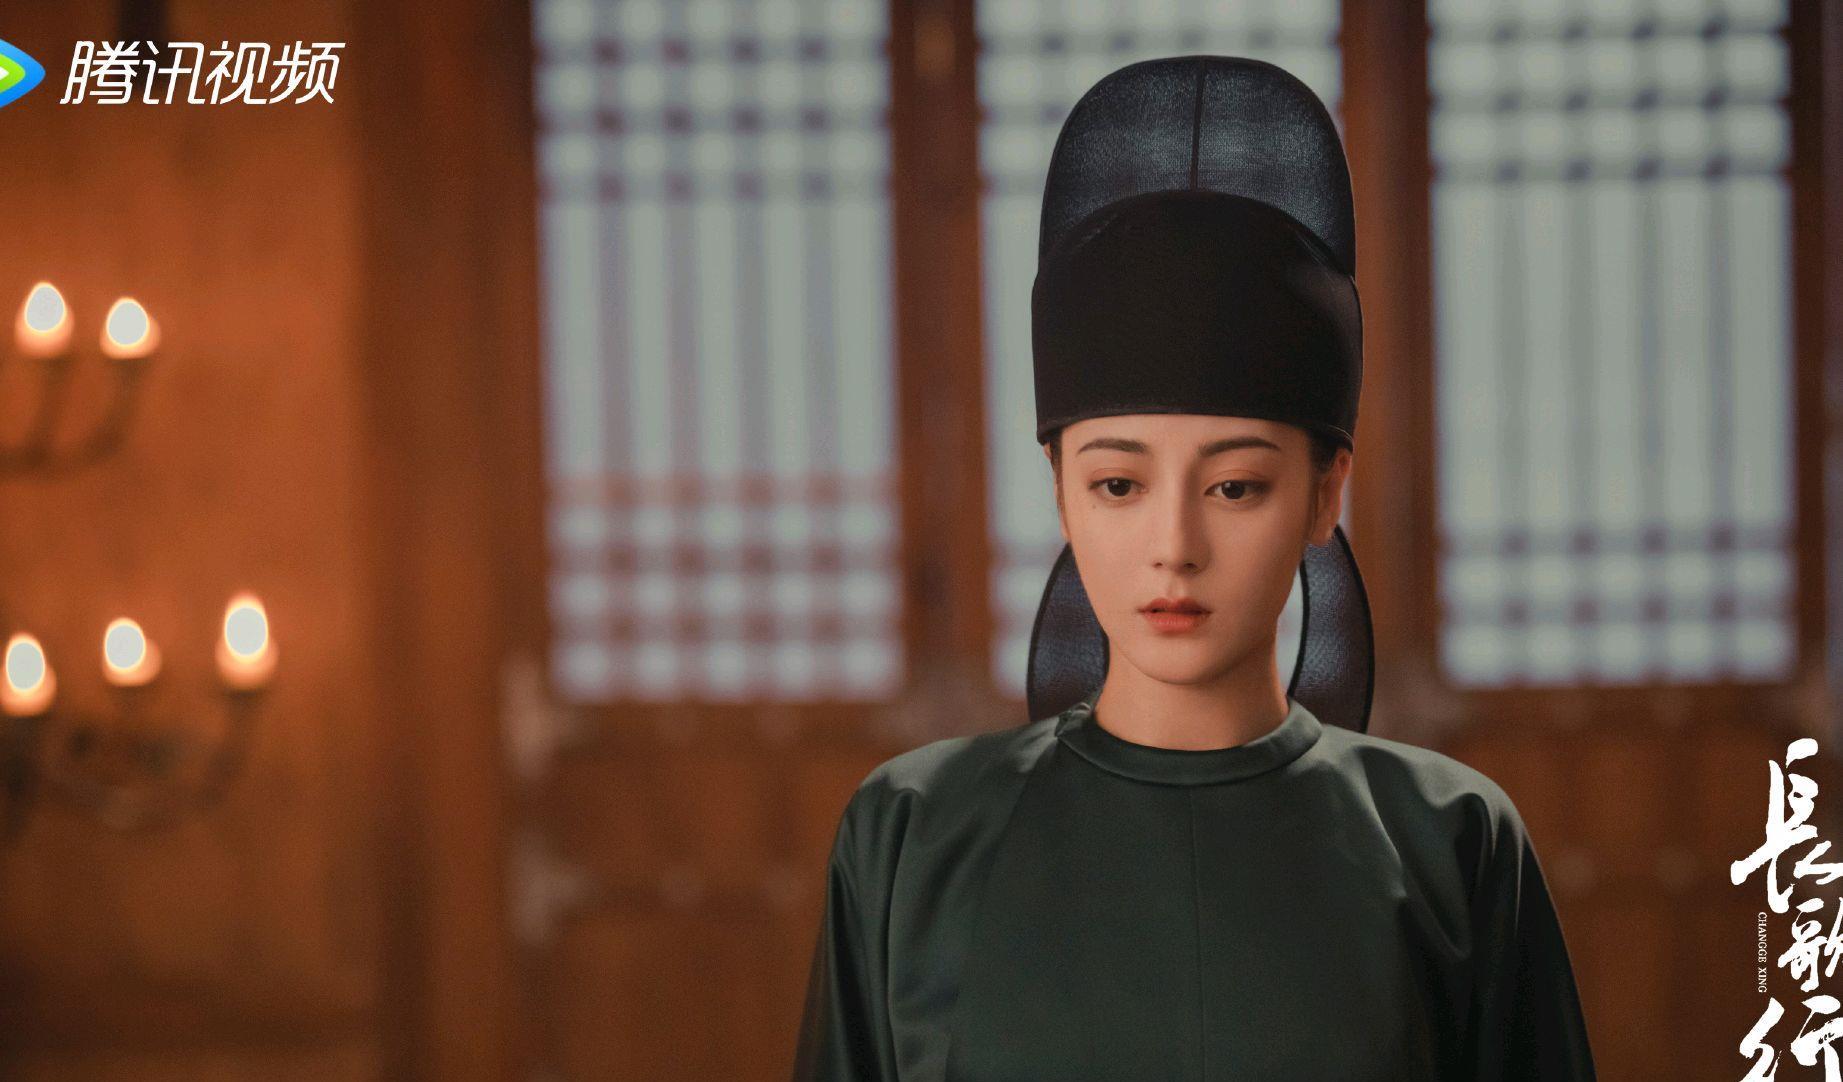 龚俊为和迪丽热巴合作拒绝新剧,借此升咖指日可待